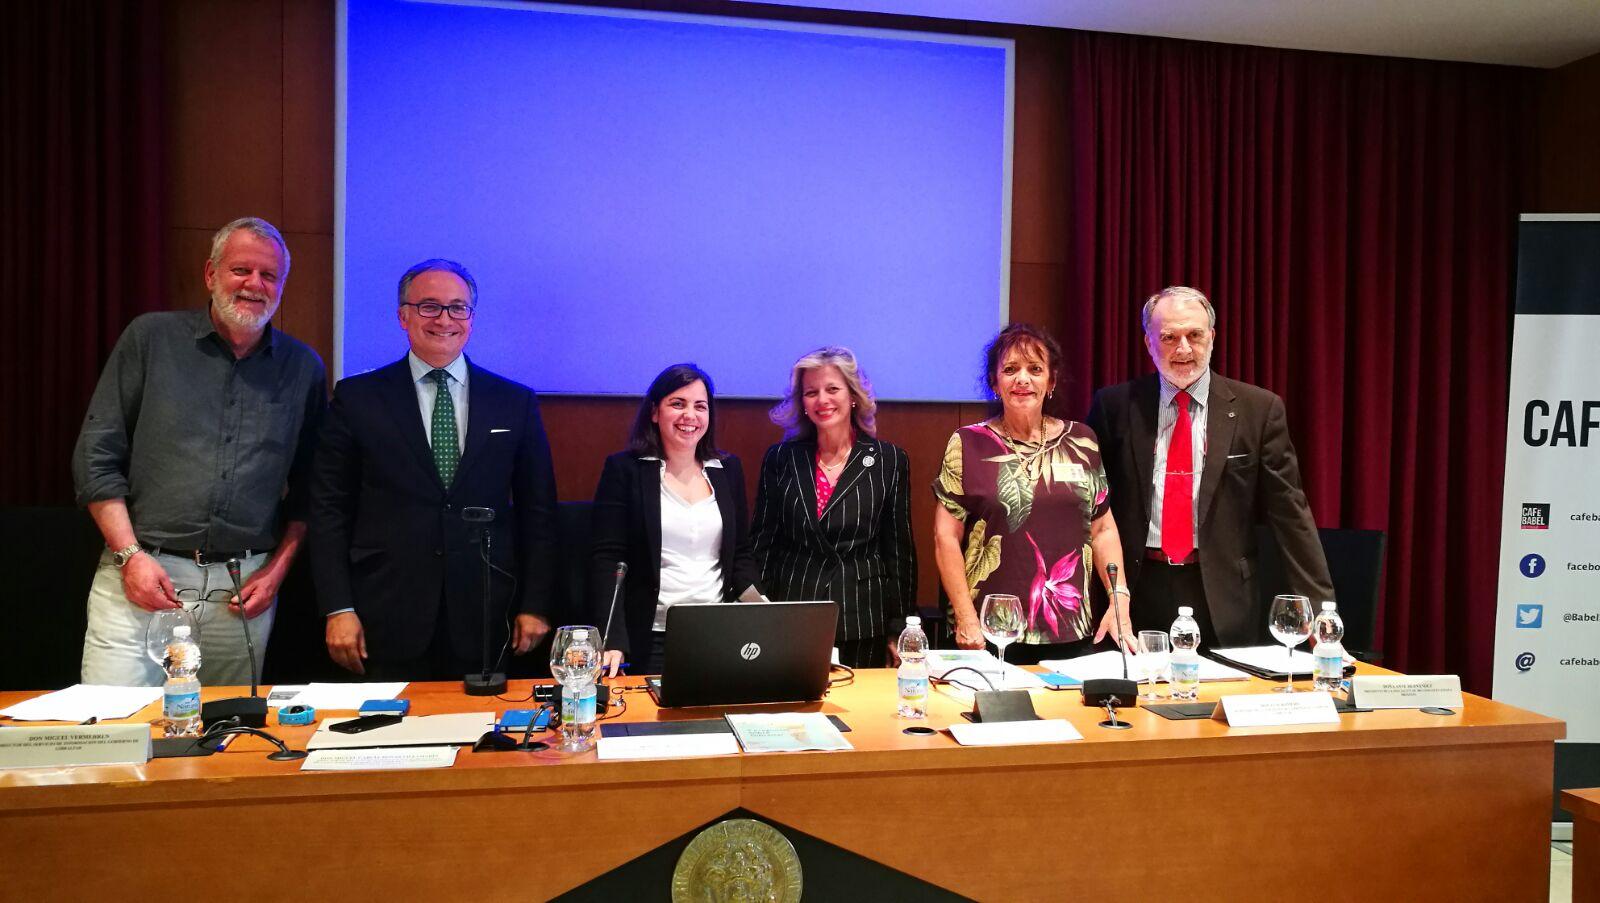 Participantes en la mesa redonda sobre el brexit en Sevilla